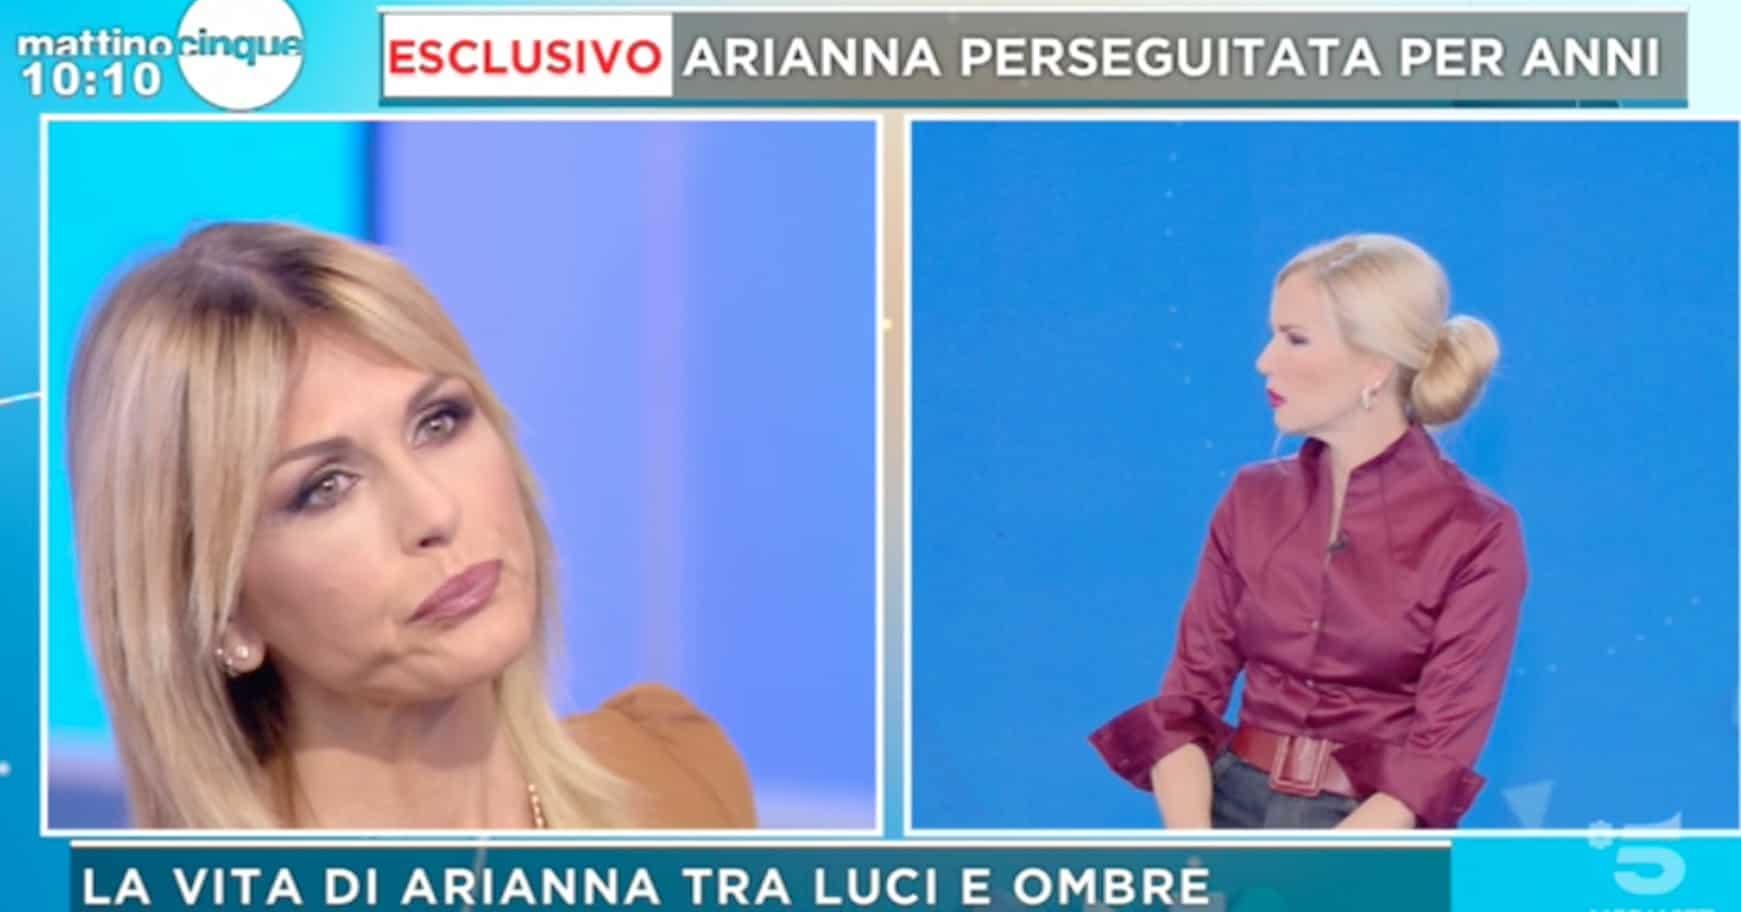 Arianna David perseguitata per anni dall'ex compagno, botte e terrore (Foto)